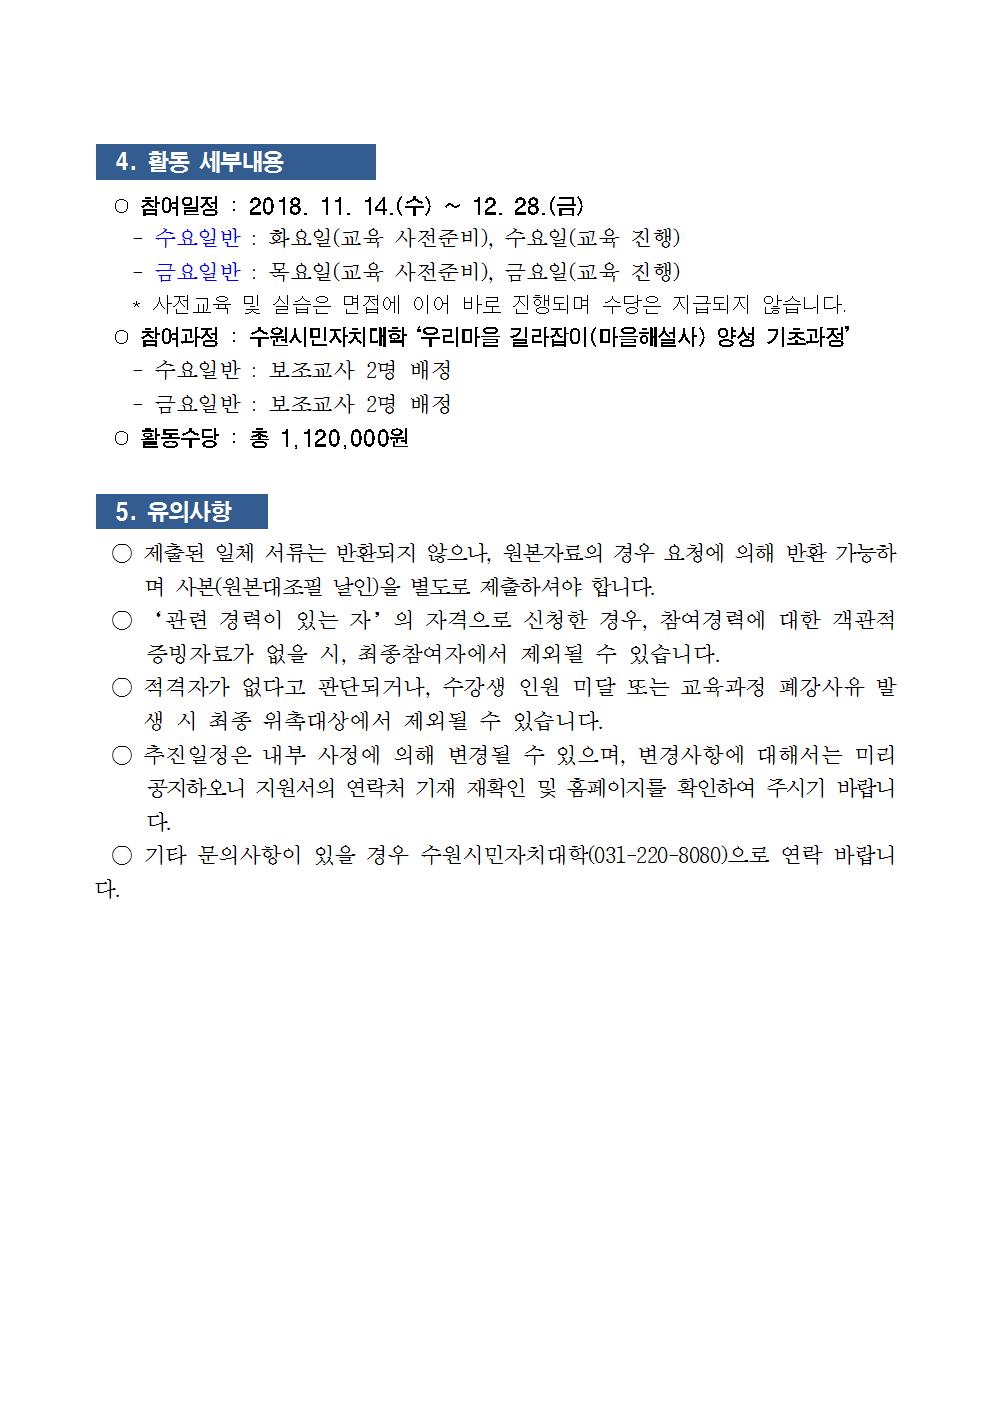 마을해설사보조교사공고문001002.png